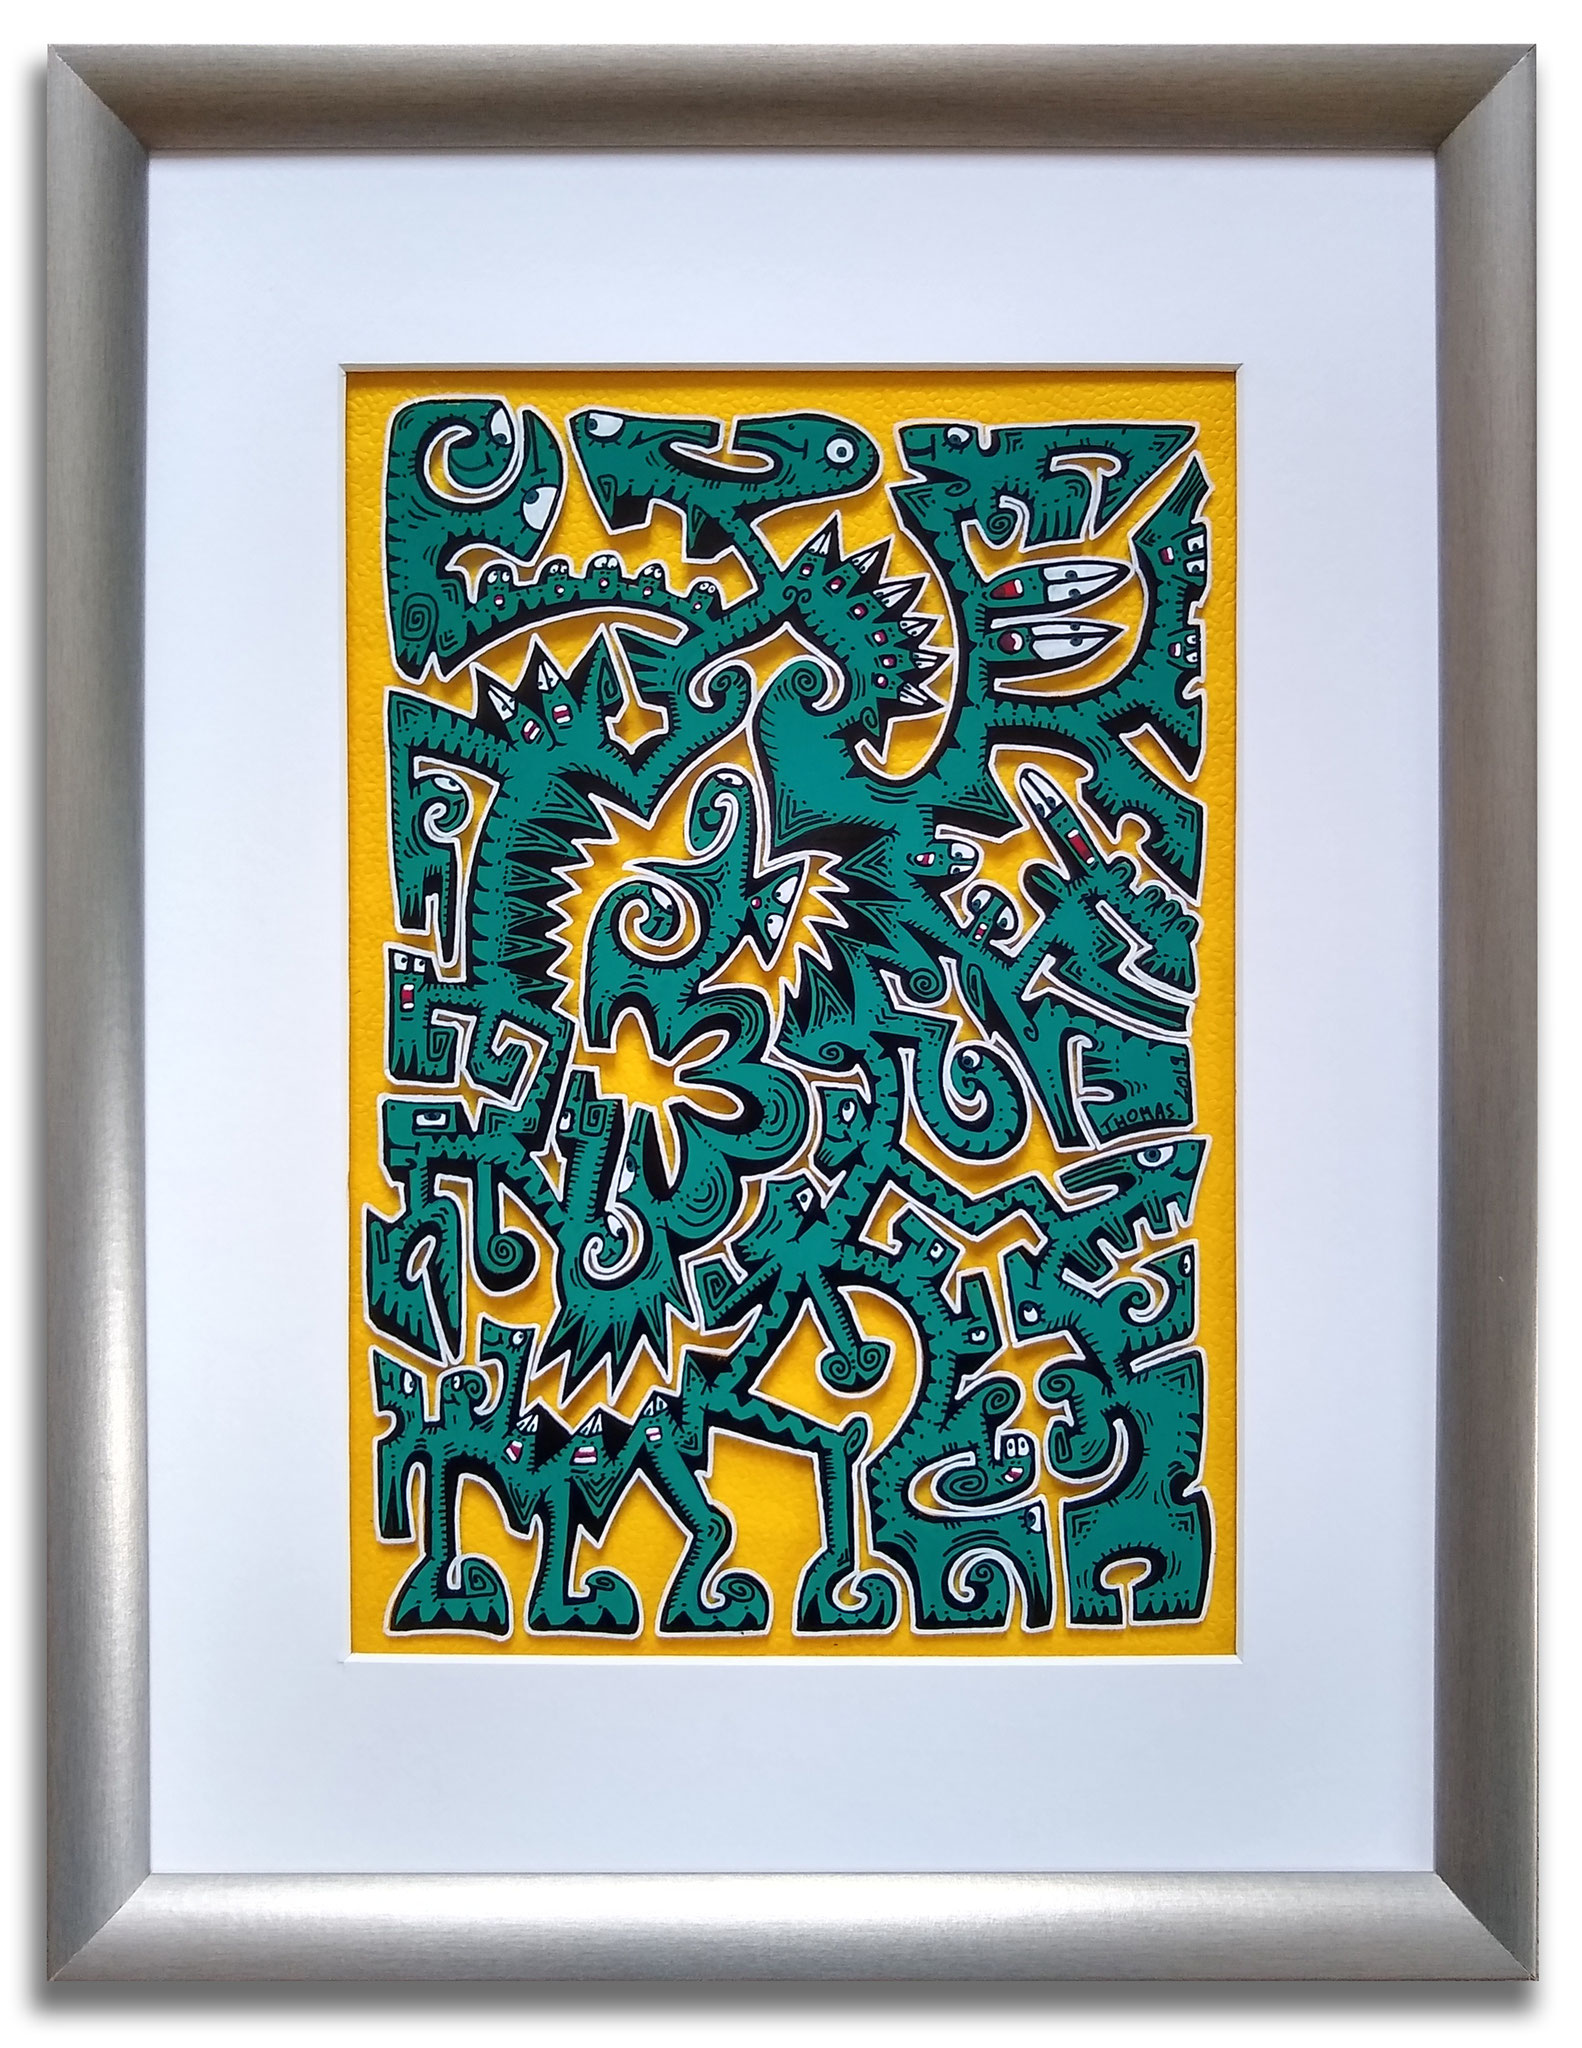 Titre : MT7/ feutres acrylique sur verre synthétique/ fond papier effet cuir jaune/format avec cadre : 52.5/42 cm/  prix : 80 euros